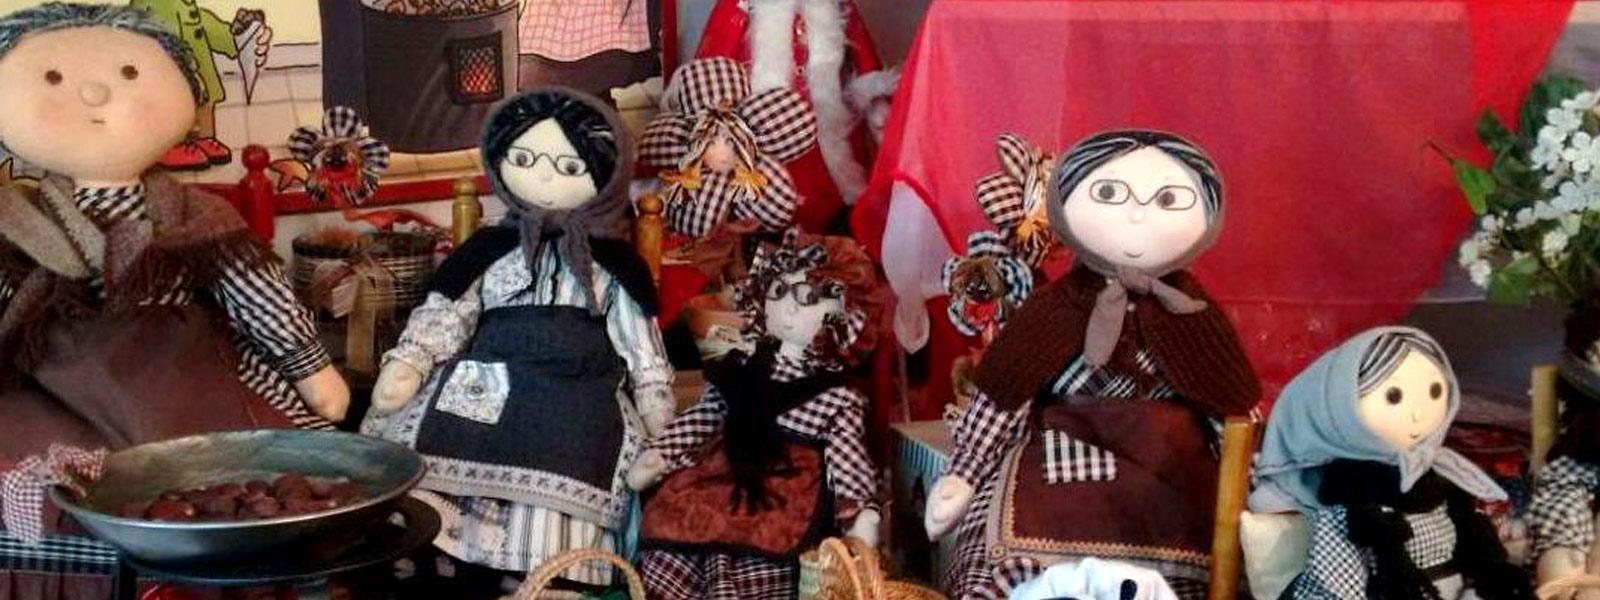 Muñecas castañeras, ninesdedrap.com